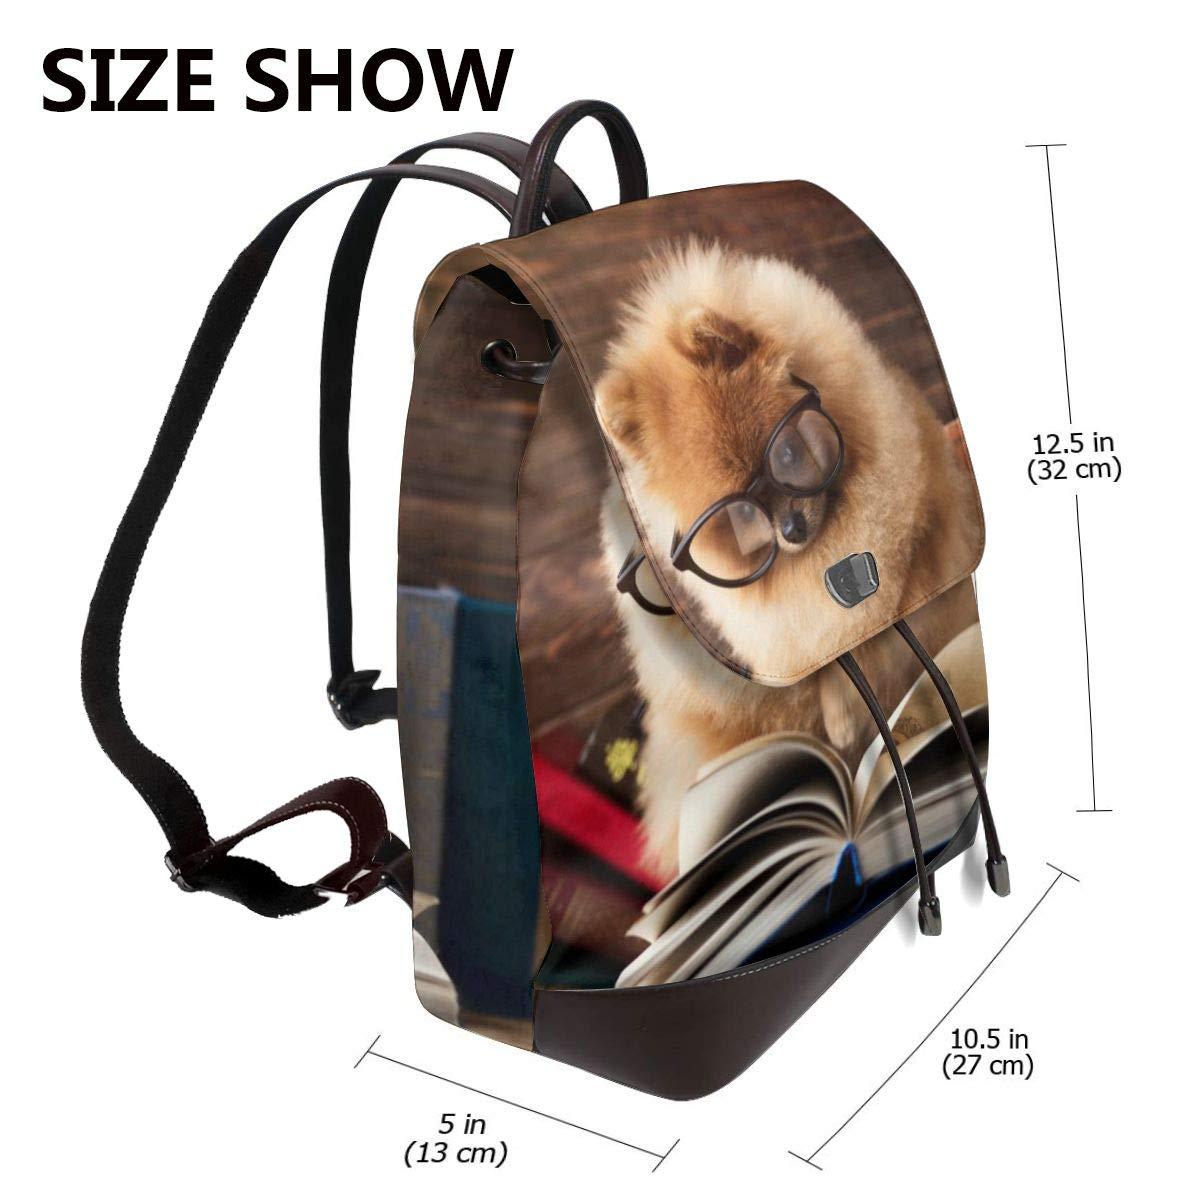 Smart Pomeranian hund kvinnor mode äkta läder ryggsäck flickor resa skola mini axelväska Smart Pomeranian Dog